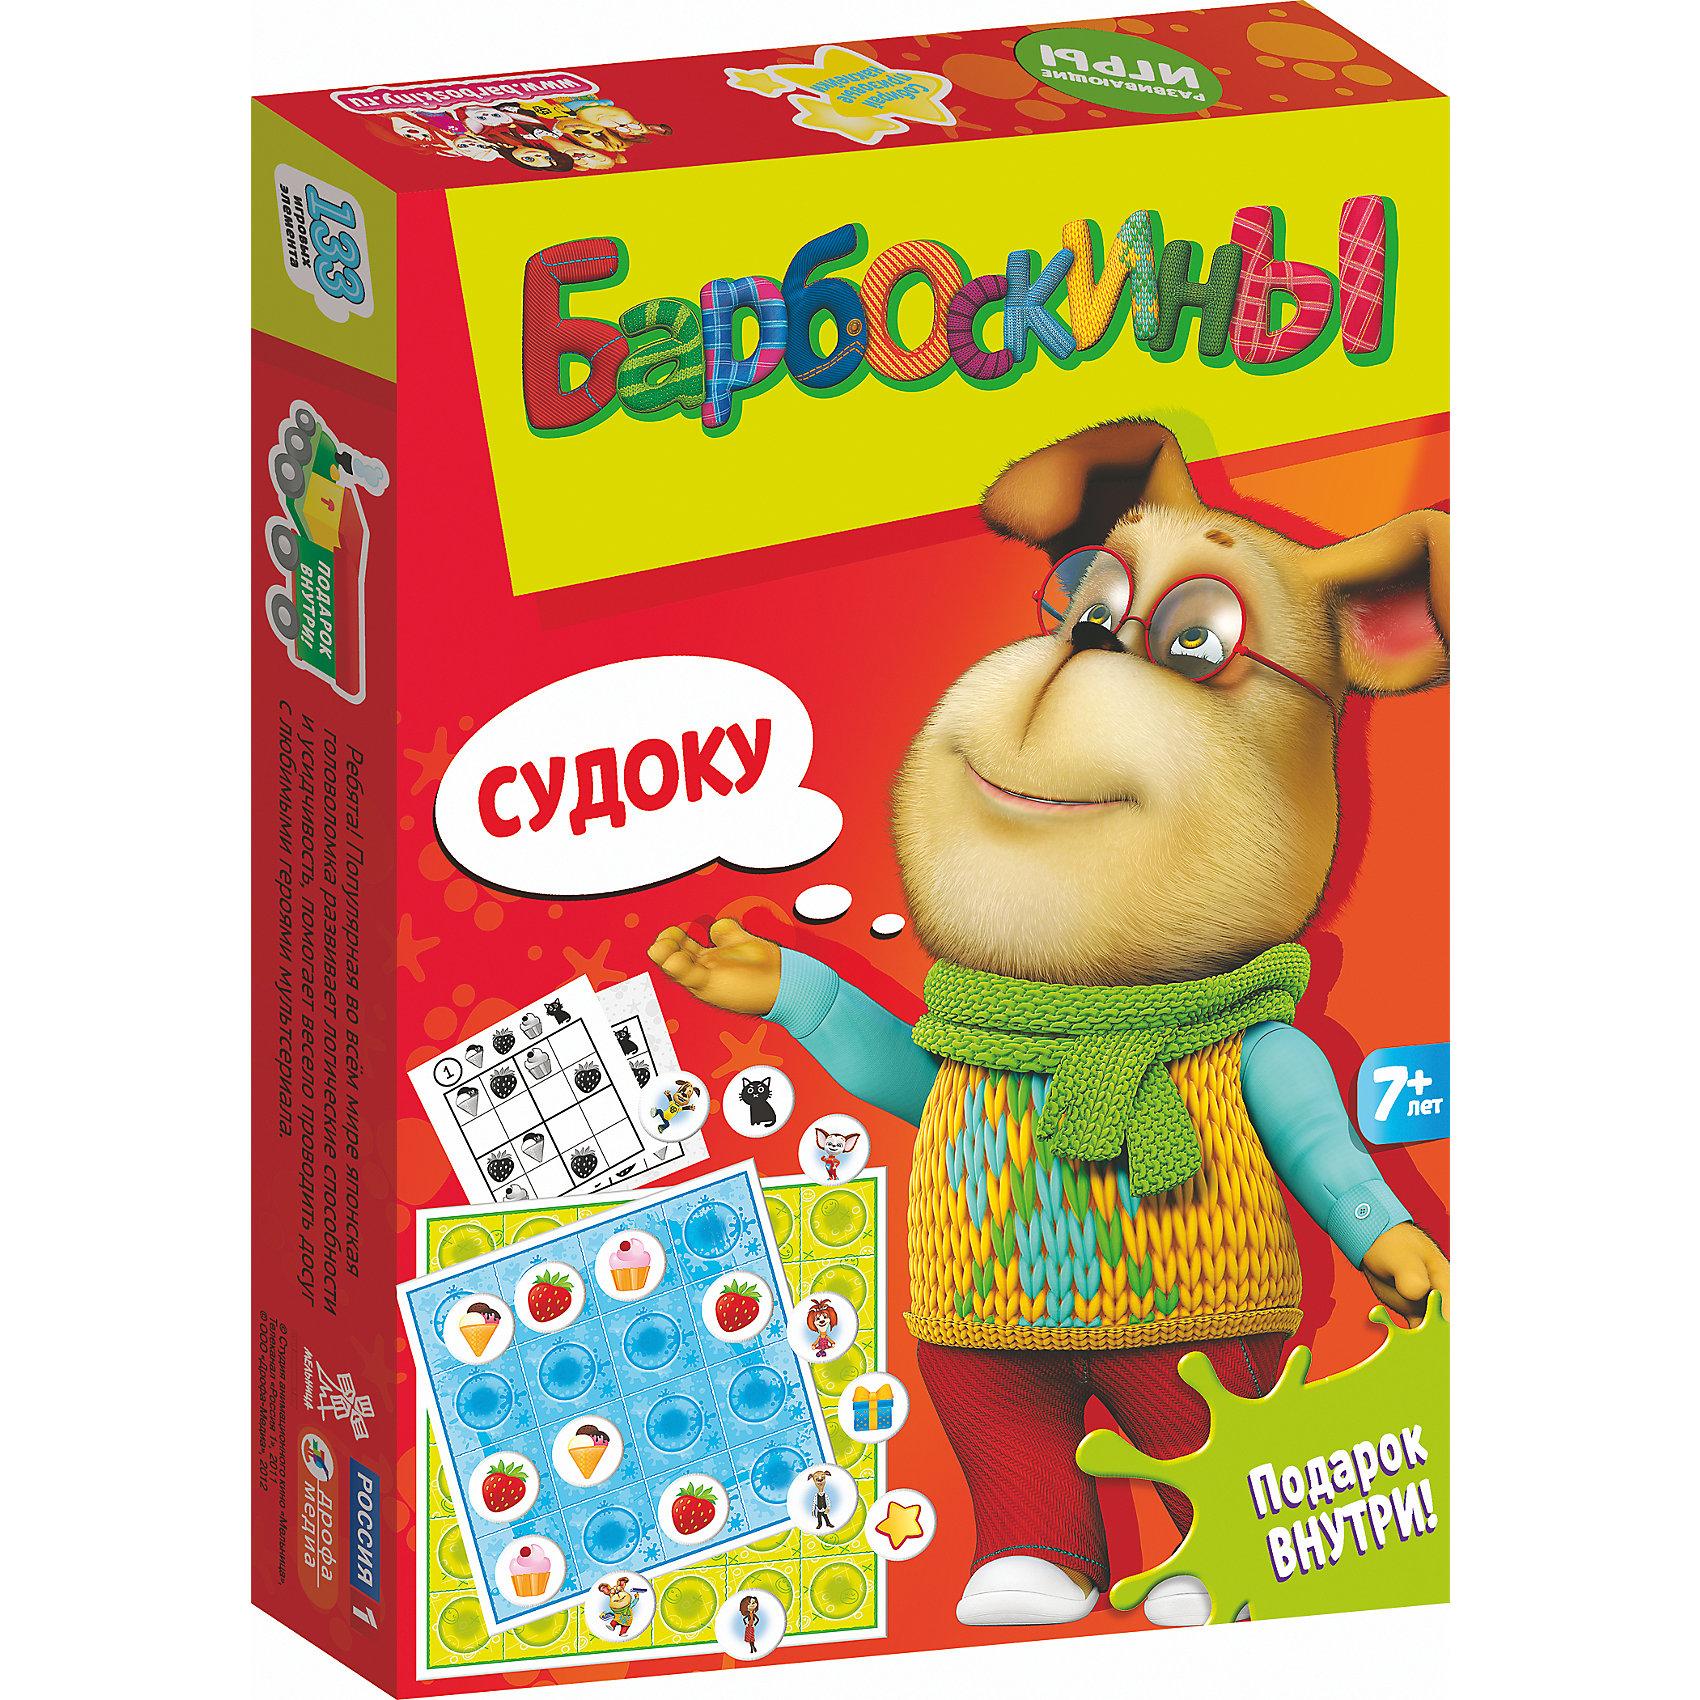 Карточная игра Барбоскины. МПИ. Судоку, Дрофа-МедиаКарточные игры<br>Характеристики карточной игры Барбоскины. МПИ. Судоку:<br><br>- возраст: от 7 лет<br>- герой: Барбоскины<br>- пол: для мальчиков и девочек<br>- комплект: 2 игровых поля, 66 карточек с заданиями, 65 жетонов, 7 наклеек, правила игры.<br>- количество предполагаемых игроков: 1-2.<br>- материал: бумага, картон.<br>- упаковка: картонная коробка.<br>- размер первого игрового поля: 18 * 18 см.<br>- размер второго игрового поля: 14 *14 см.<br>- диаметр фишек: 2 см.<br>- размер упаковки: 28 * 19.5 * 4 см.<br>- вес: 245 гр.<br>- бренд: Дрофа-Медиа<br>- страна обладатель бренда: Россия.<br><br>Настольная игра Барбоскины представляет собой классический судоку на тему полюбившихся детям героев-собак. Всего в комплект входят более полутора сотен игровых элементов, среди которых жетоны, изображающие предметы и фигуры; а также несколько десятков карточек с заданиями. Помимо всего прочего, в наборе имеются 7 наклеек. Также в комплекте присутствуют сразу 2 игровых поля. Их размеры составляет  4 * 4 и 6 * 6 клеток, соответственно. В карточках с заданиями указывается расположение жетонов на полях. Таким образом, игроку предстоит заполнить пустые клетки оставшимися фигурами, согласно правилам.<br><br>Карточную игру Барбоскины. МПИ. Судоку издательства Дрофа-Медиа можно купить в нашем интернет-магазине.<br><br>Ширина мм: 280<br>Глубина мм: 35<br>Высота мм: 200<br>Вес г: 220<br>Возраст от месяцев: 84<br>Возраст до месяцев: 2147483647<br>Пол: Унисекс<br>Возраст: Детский<br>SKU: 5386272